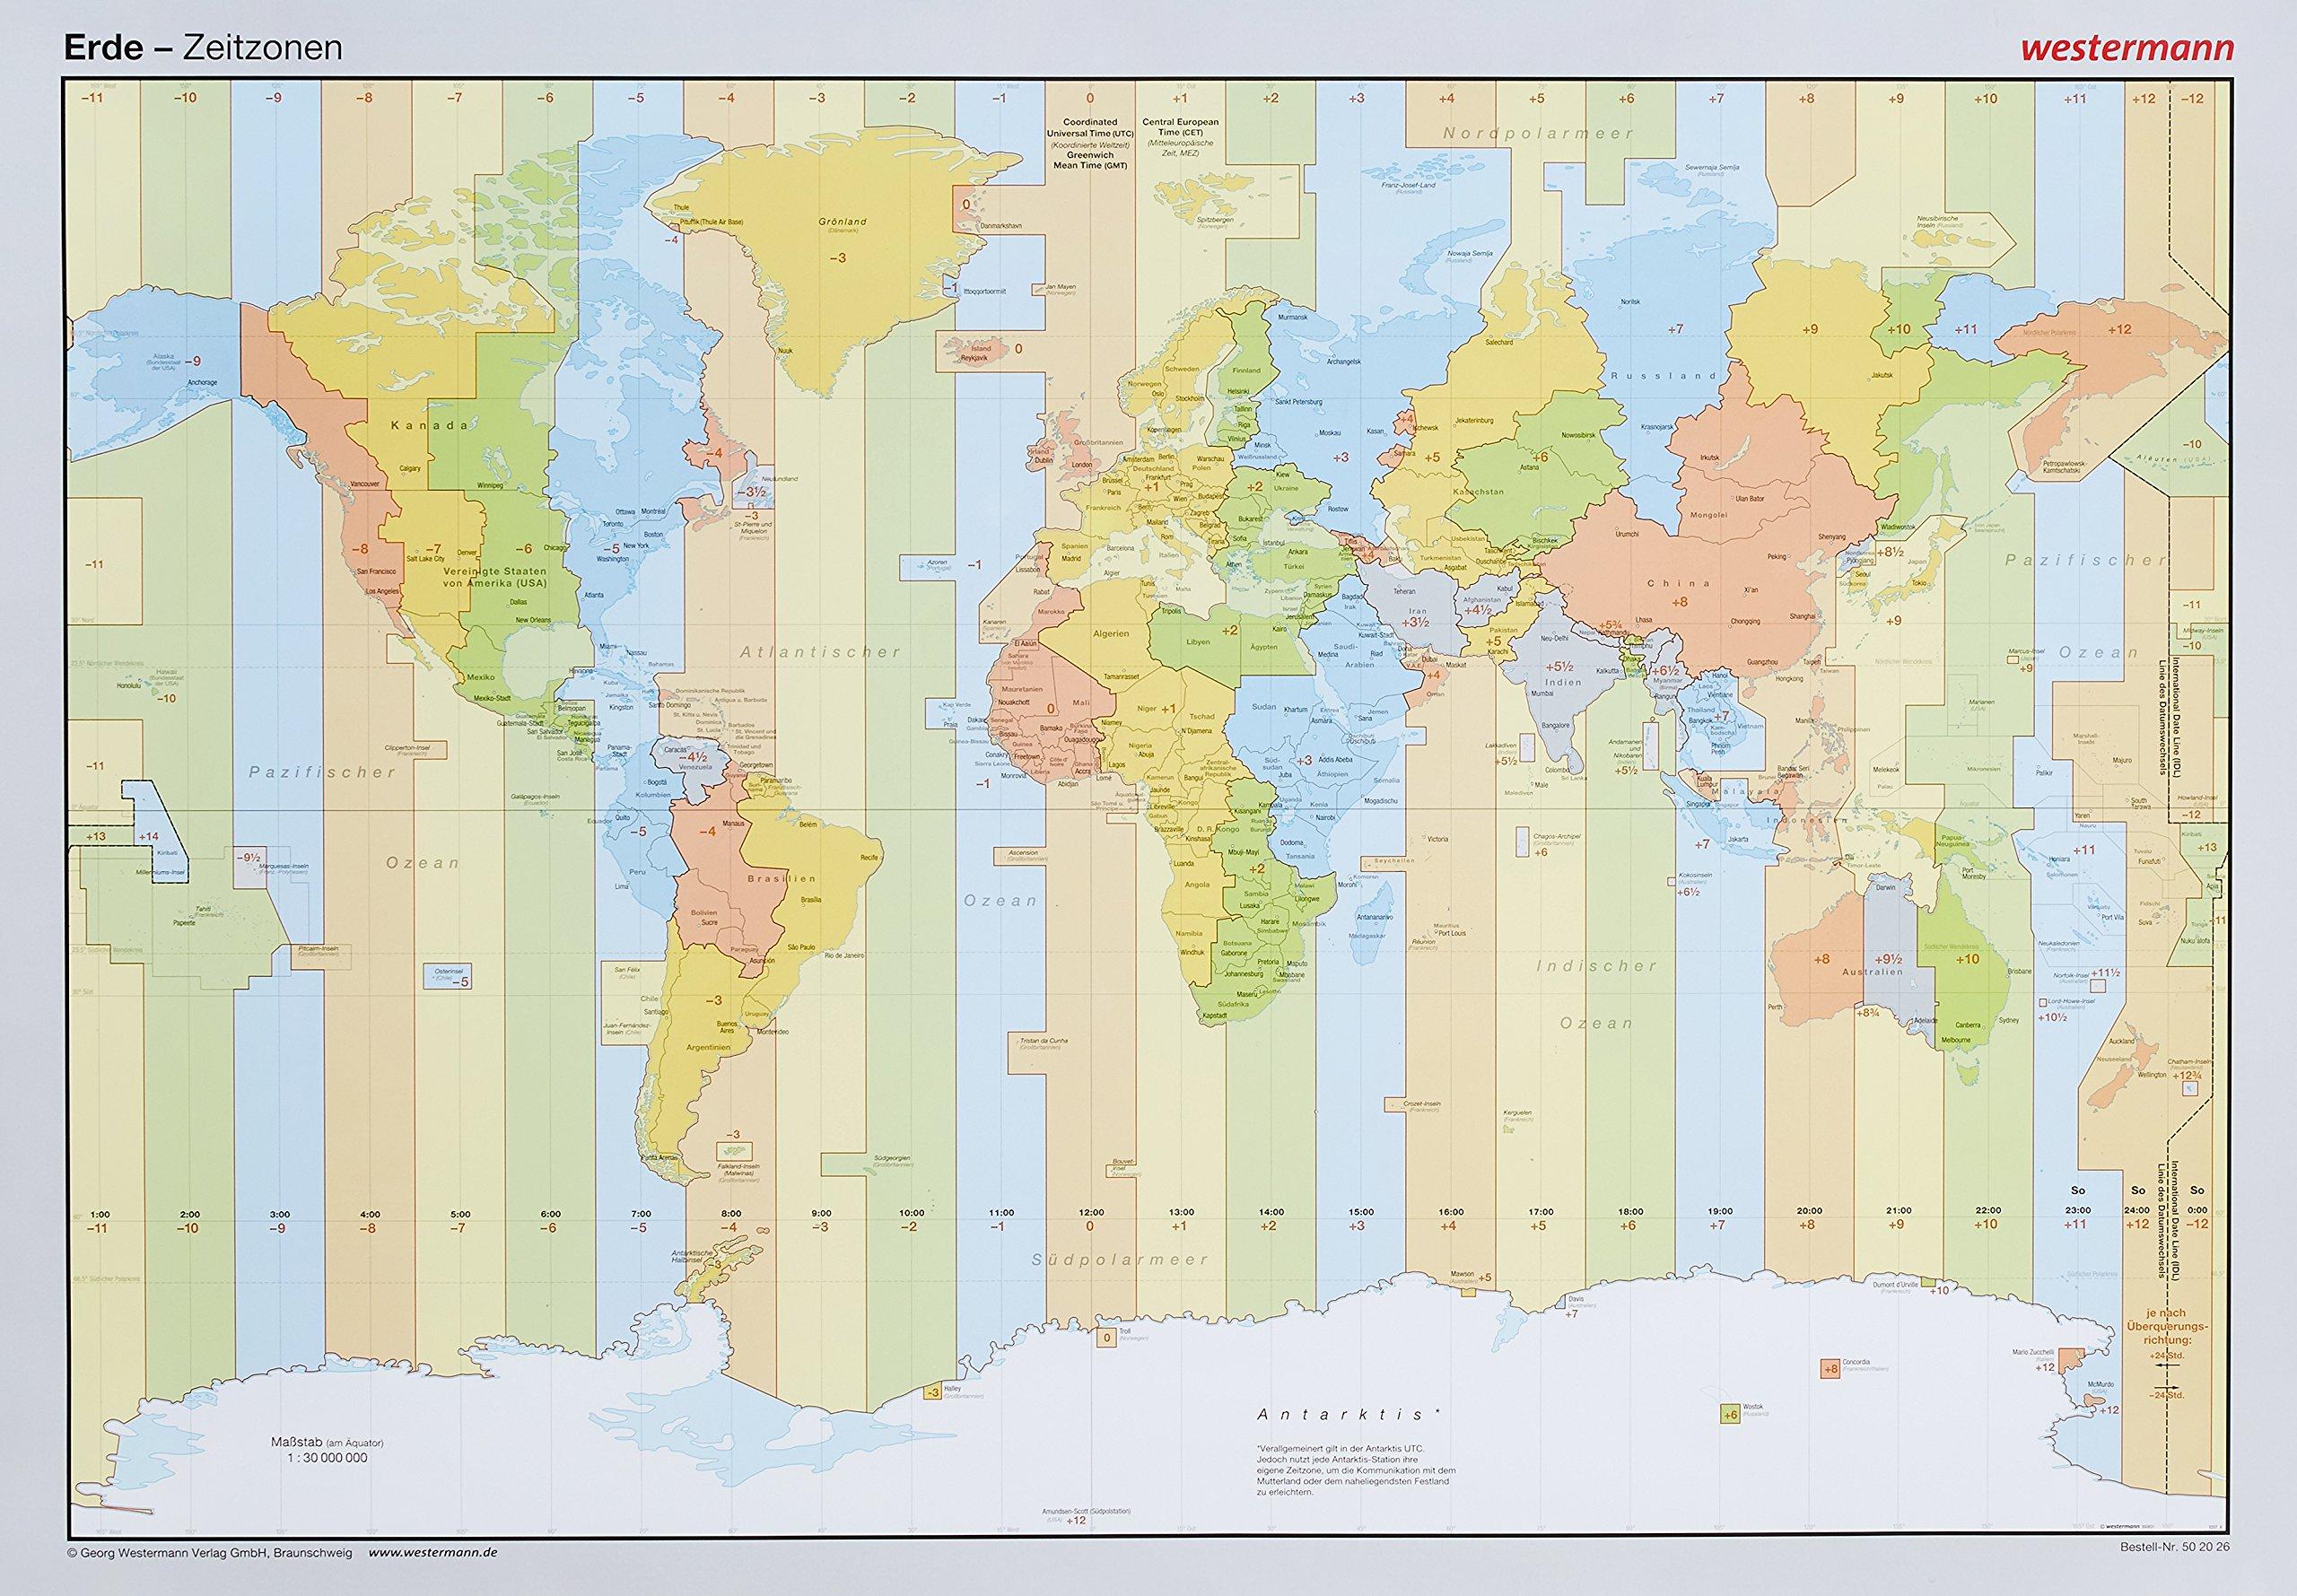 Posterkarten Geographie: Erde: Zeitzonen Poster – 1. September 2015 Westermann Lernspielverlage 3075020265 Baden-Württemberg Bayern